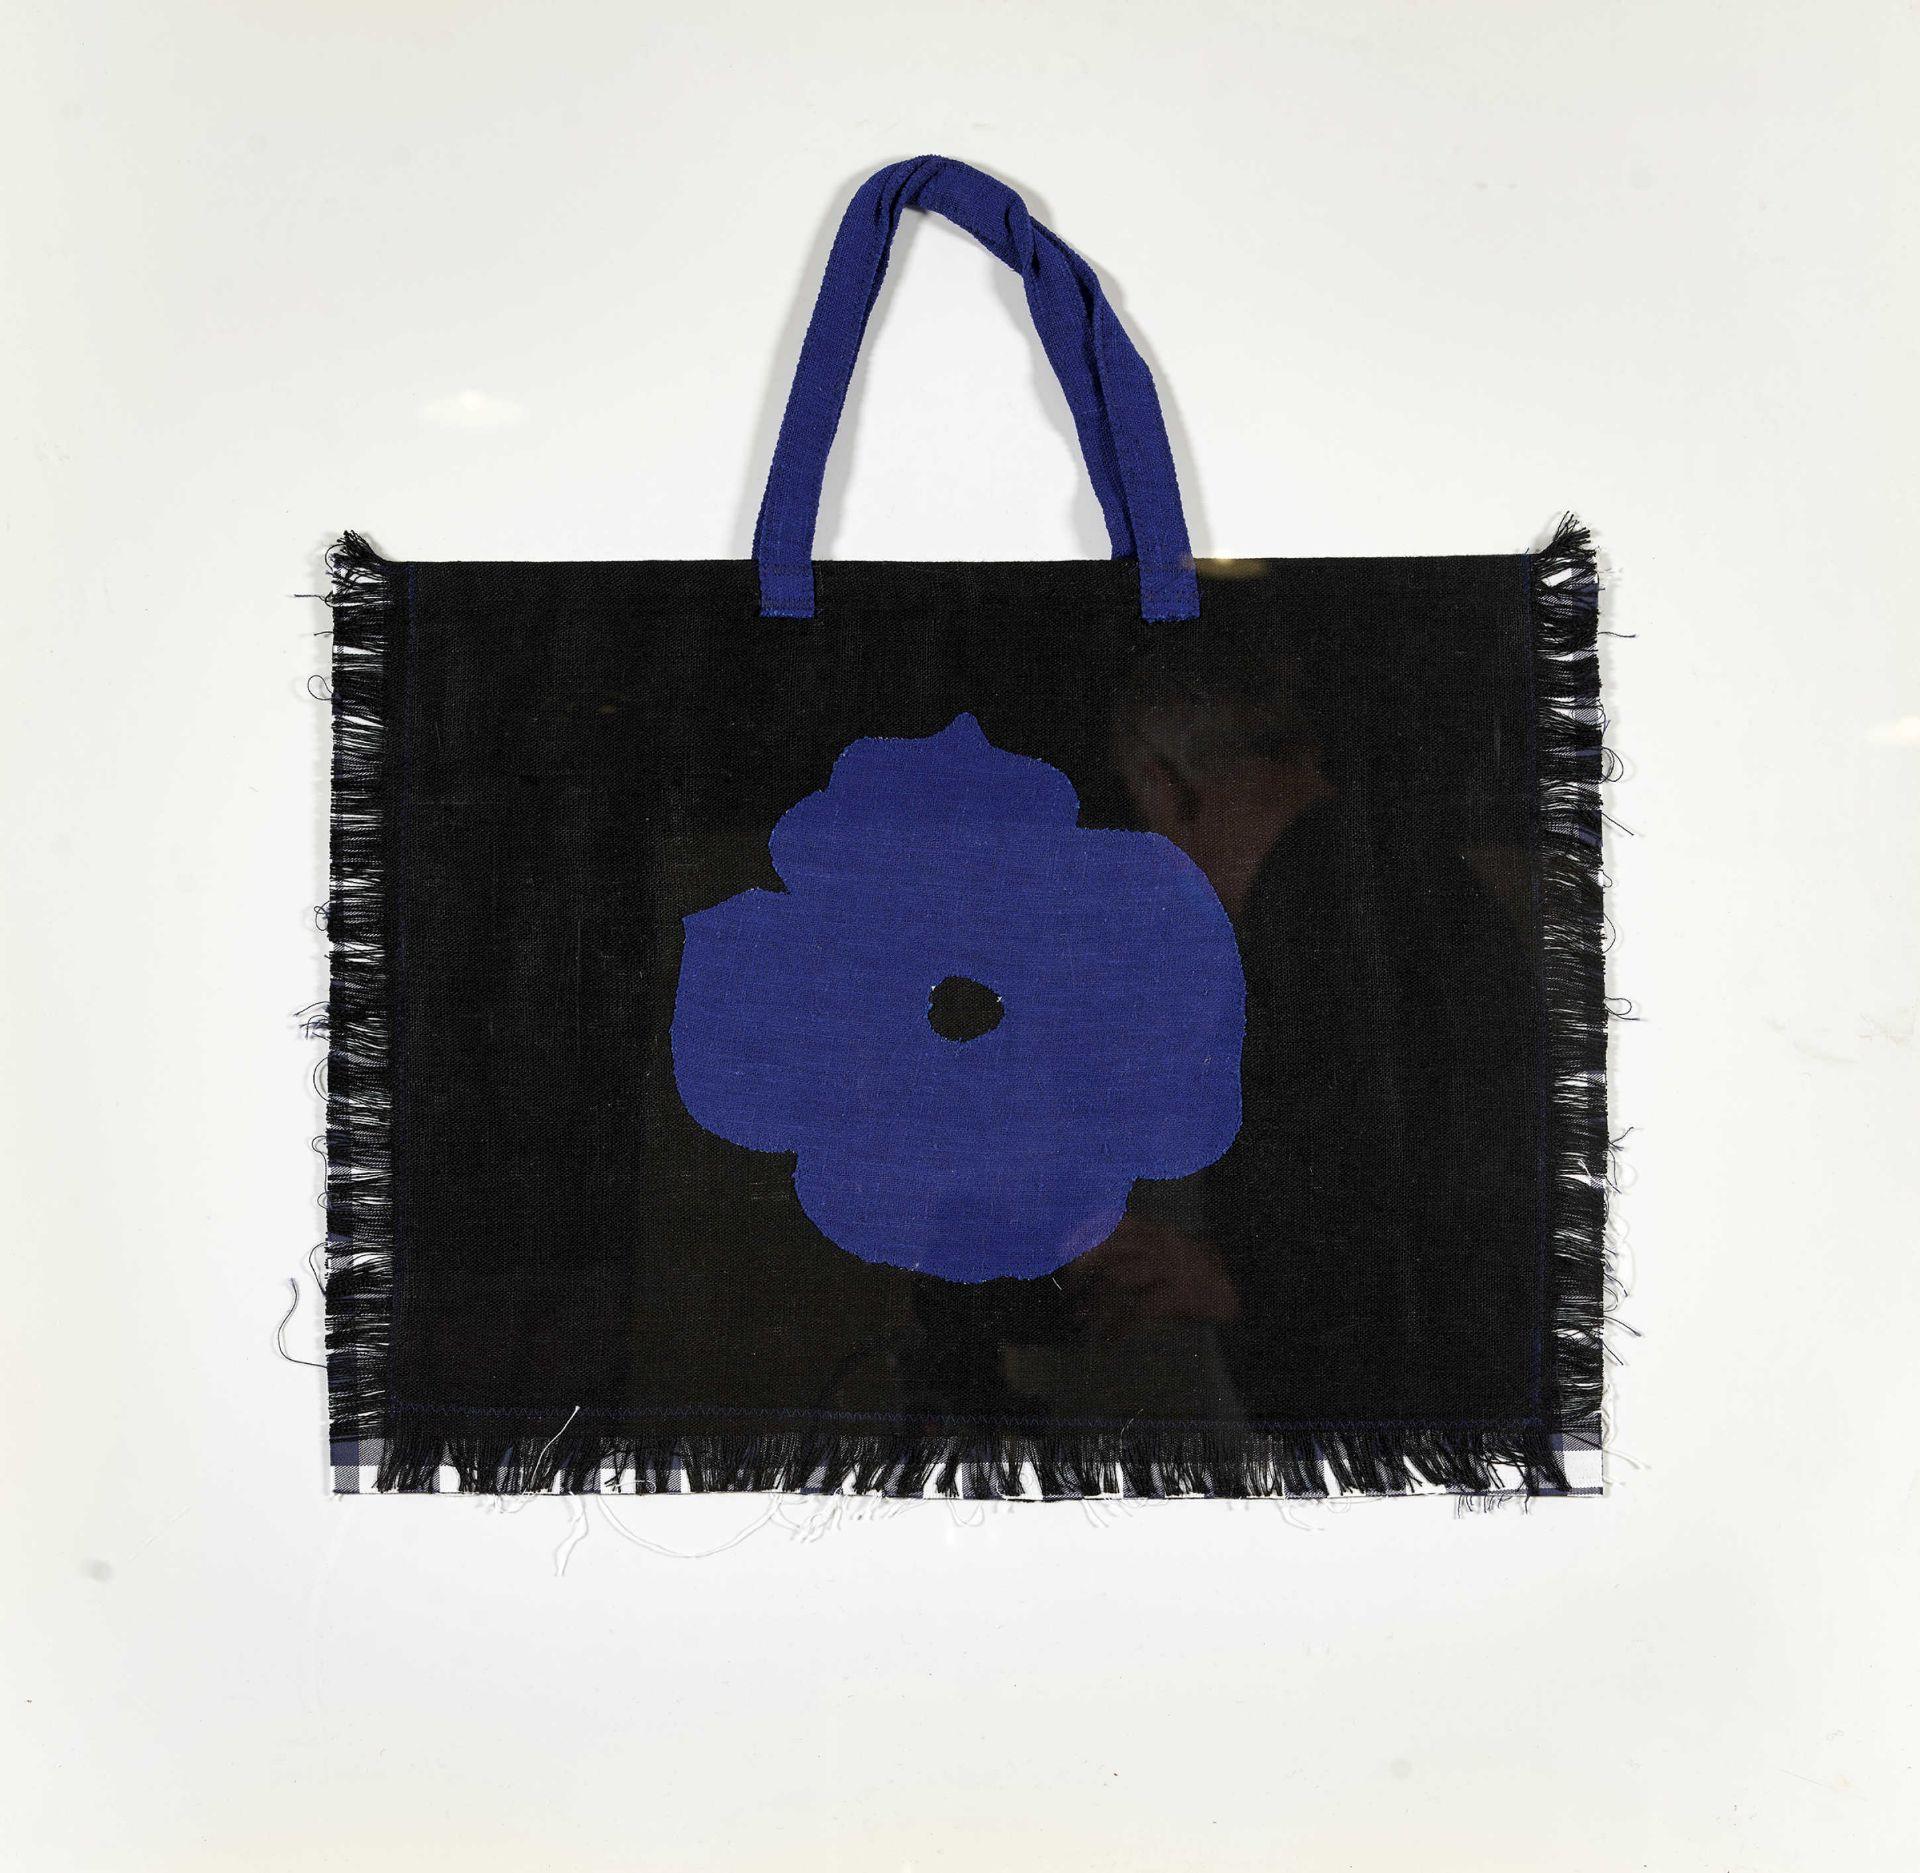 SULTAN, DONALD: Handtasche.